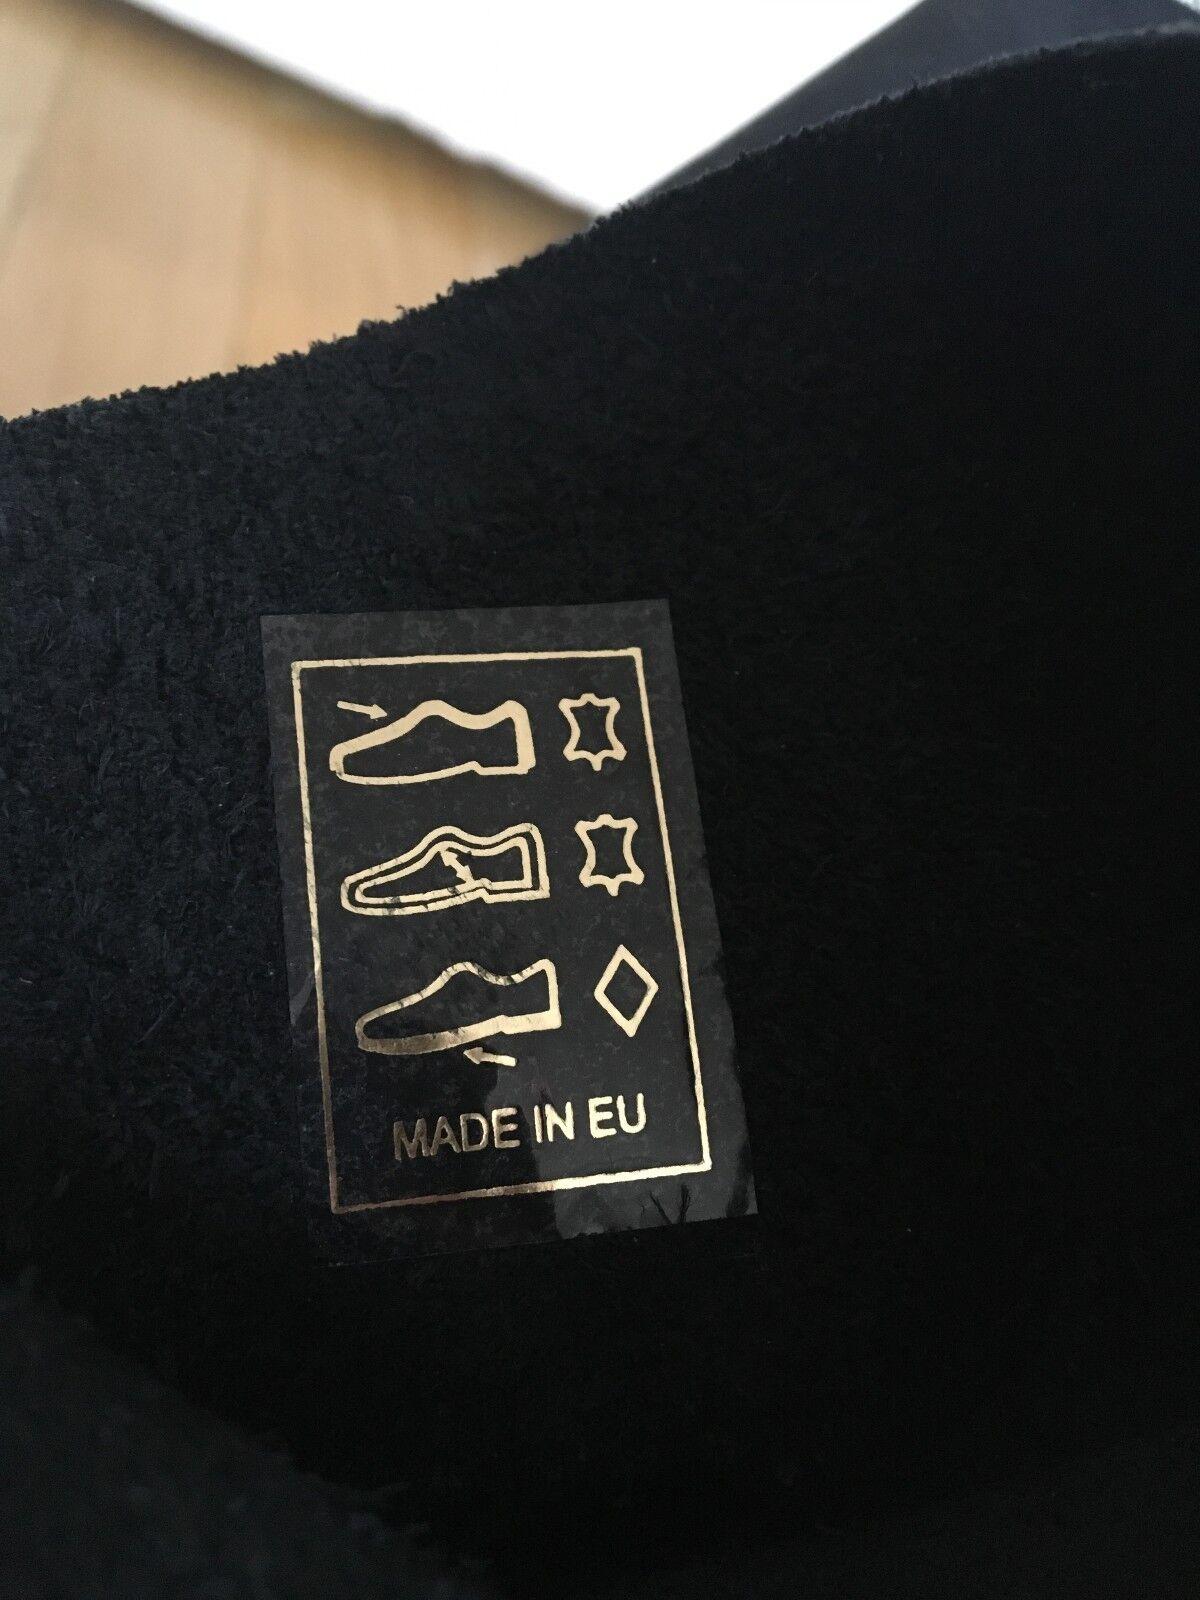 Cox Damen Lederstiefel Lederstiefel Lederstiefel in schwarz, Größe 37 c40230